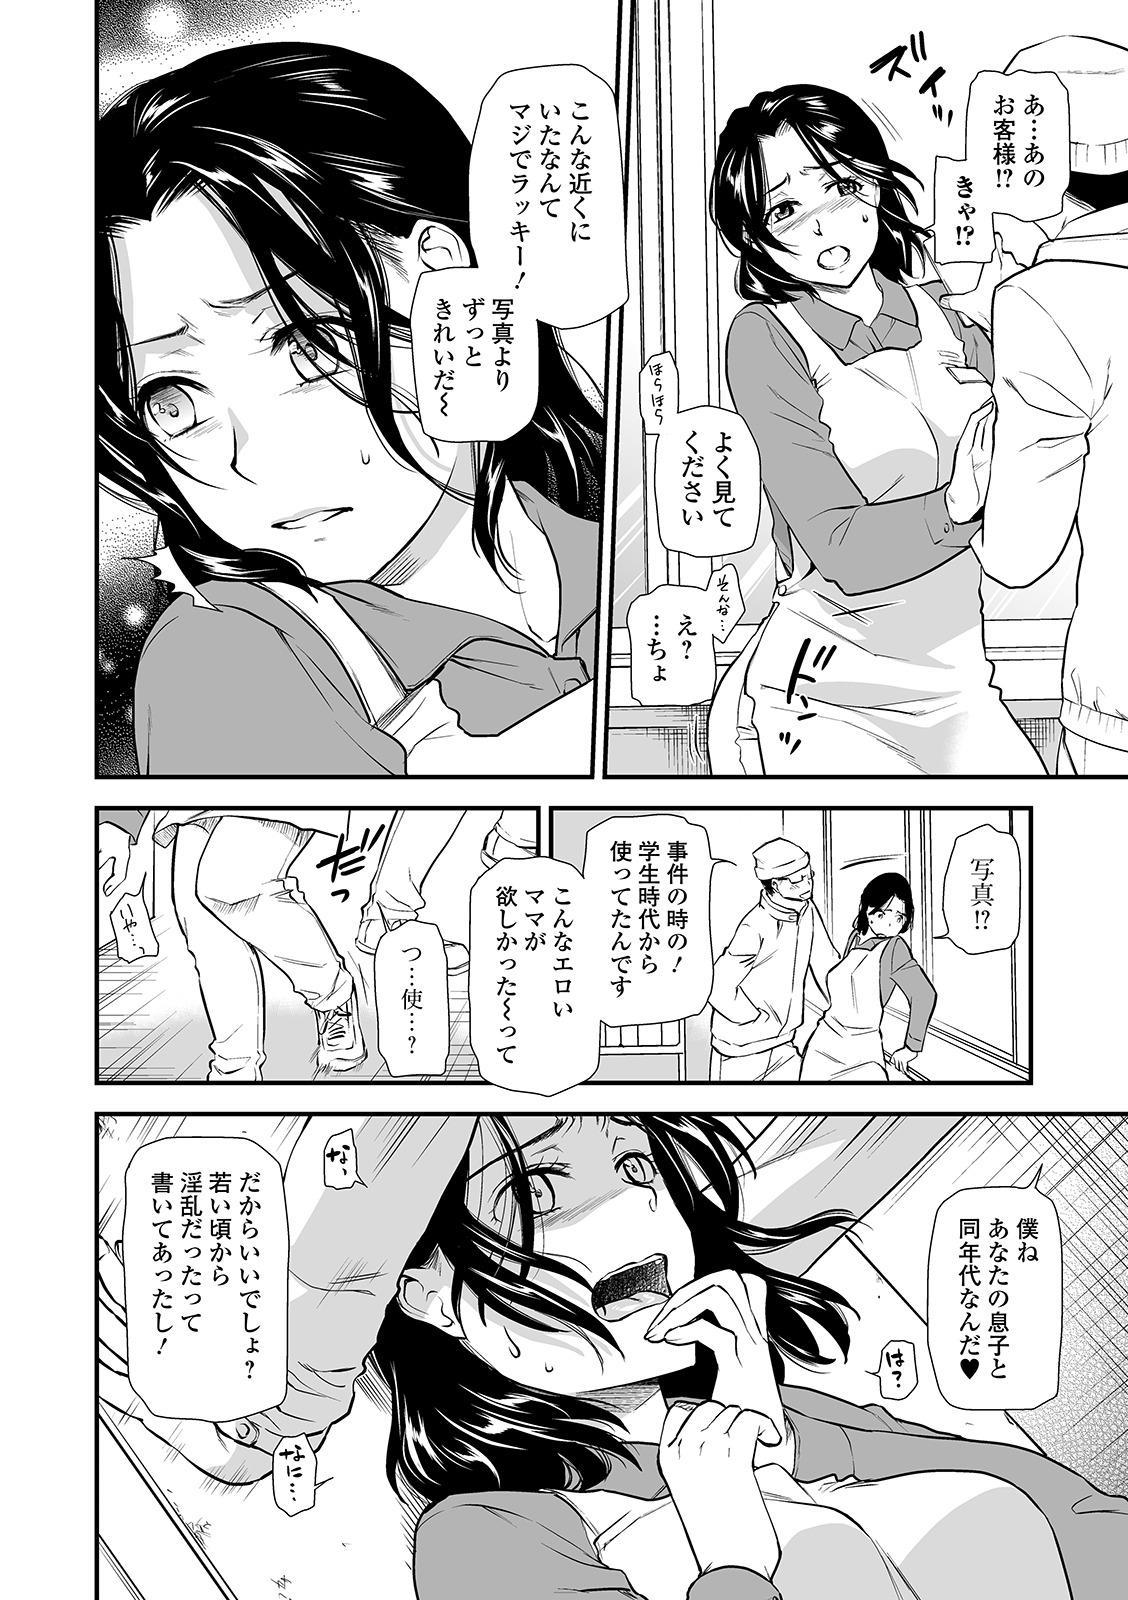 Web Comic Toutetsu Vol. 49 23